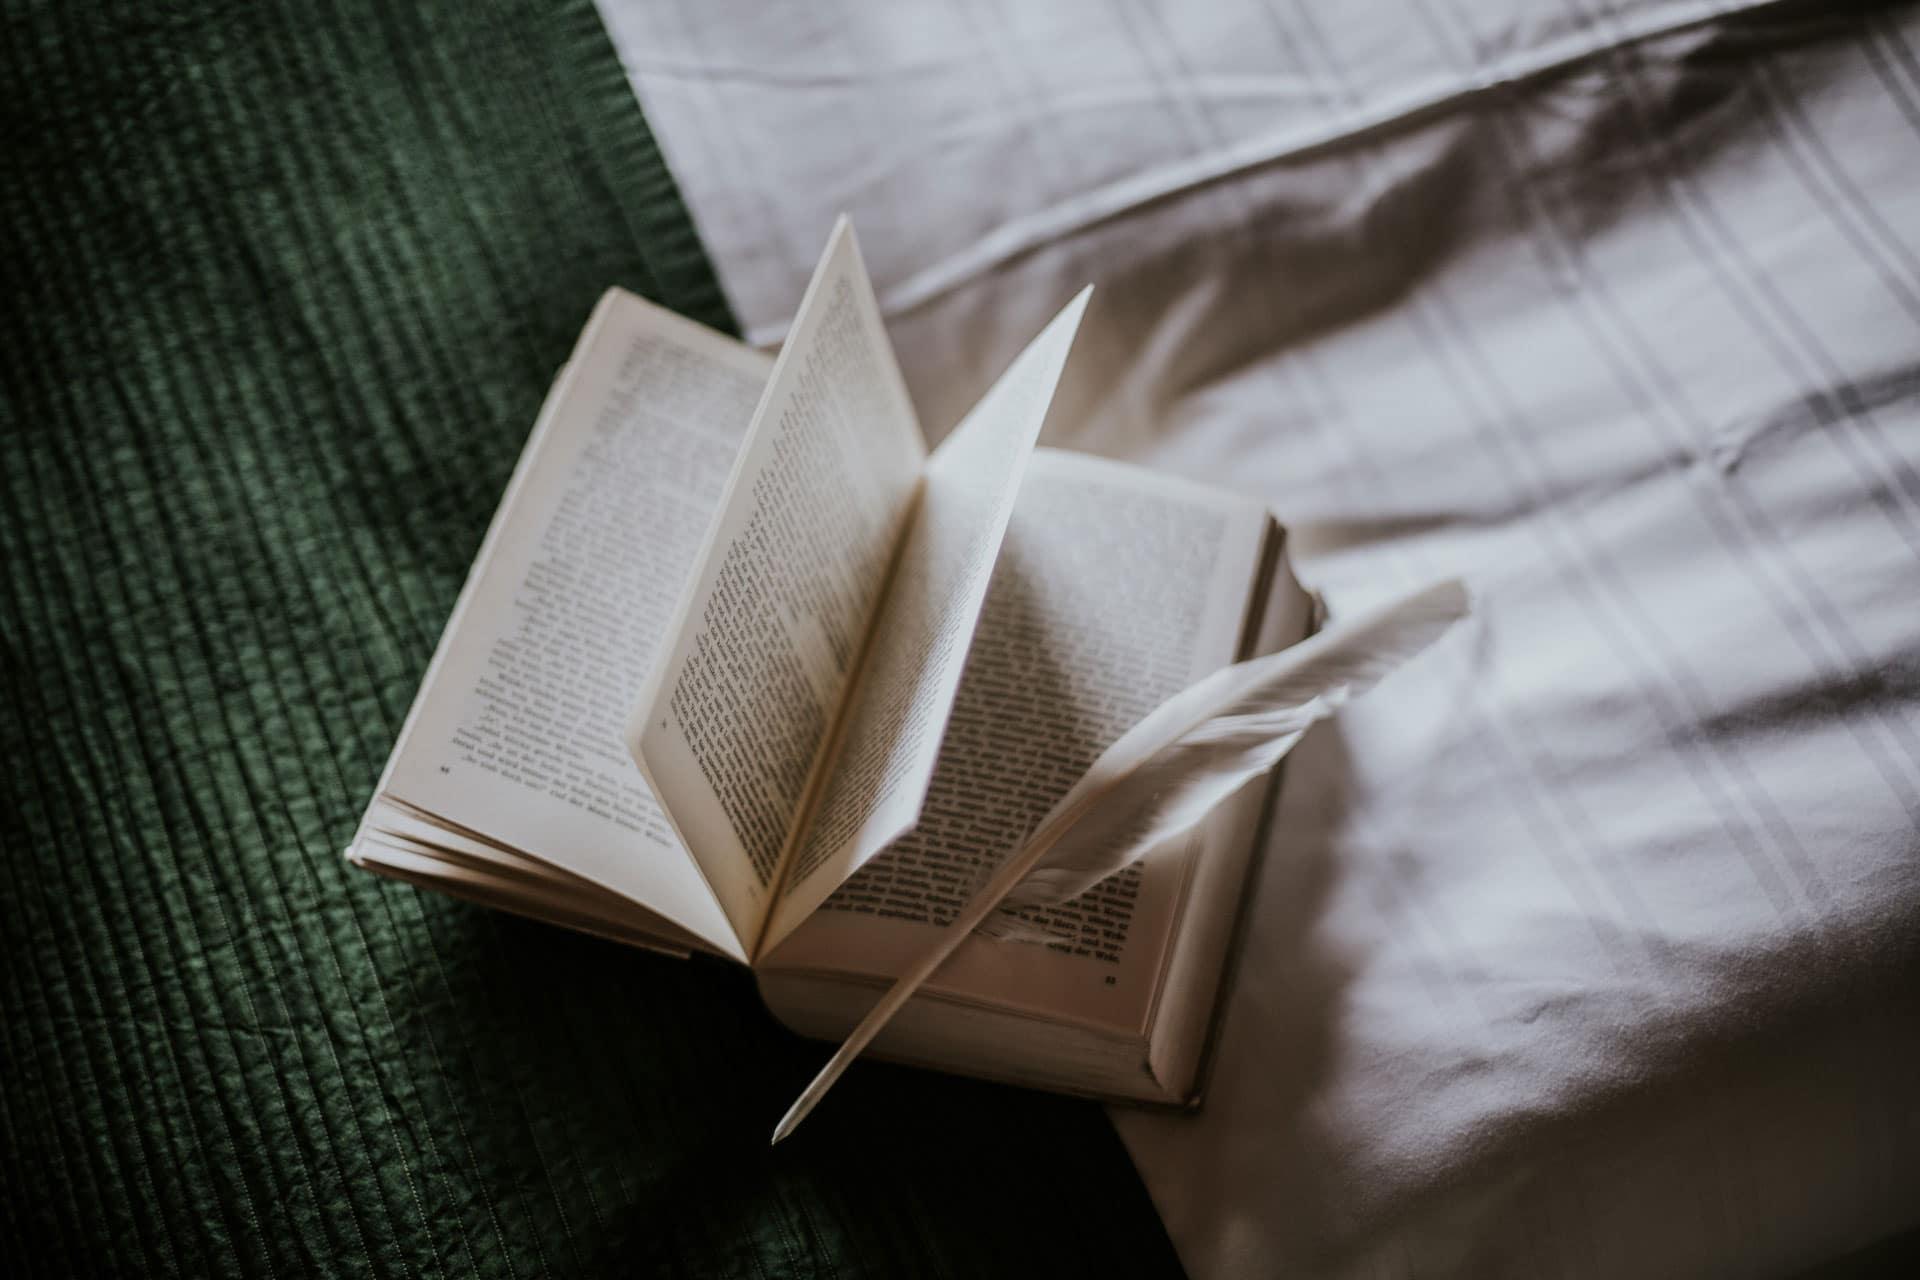 Offenes Buch auf Bett - Literaturhotel Die Wasnerin